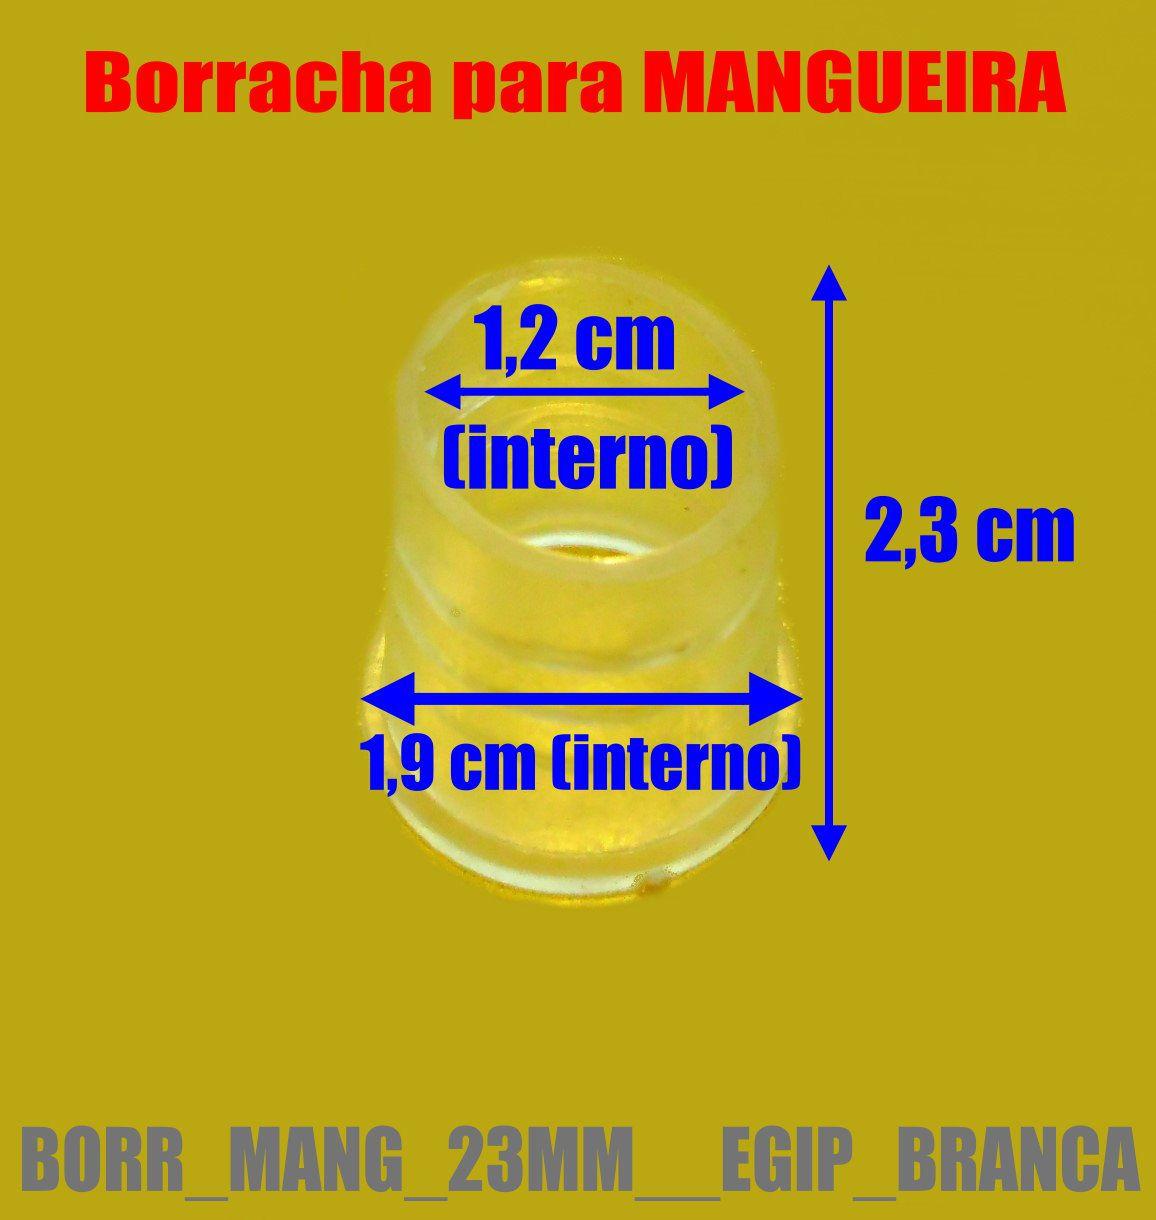 Borracha / Vedação para mangueiras grandes KHALIL MAMMOON (e outros egípcios) - BORR_MANG_23MM__EGIP_BRANCA